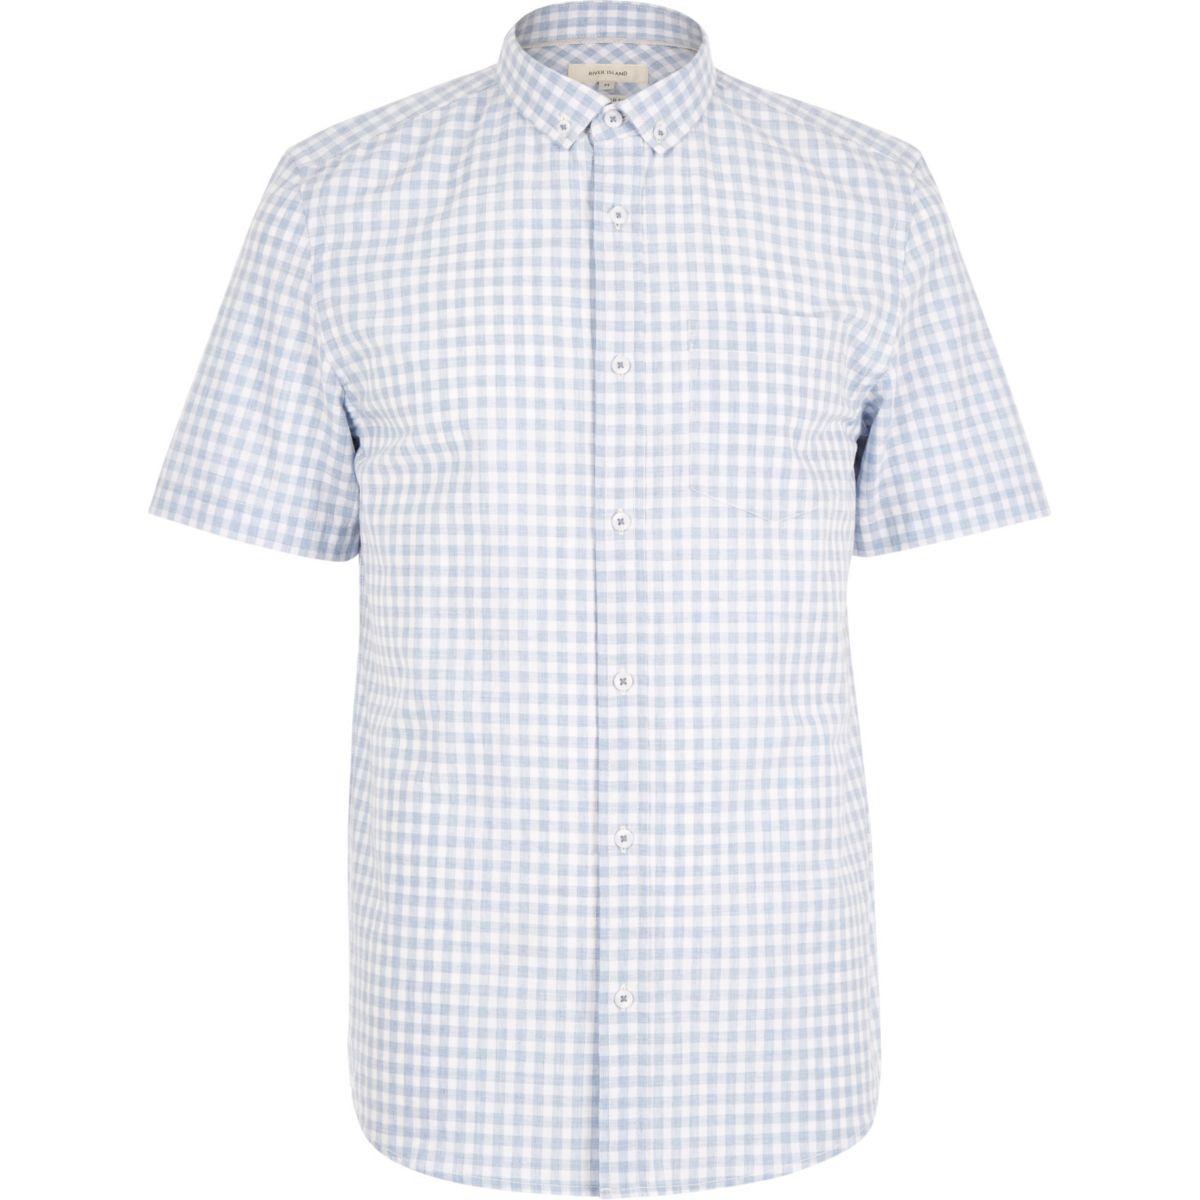 Blauw gemêleerd geruit overhemd met korte mouwen